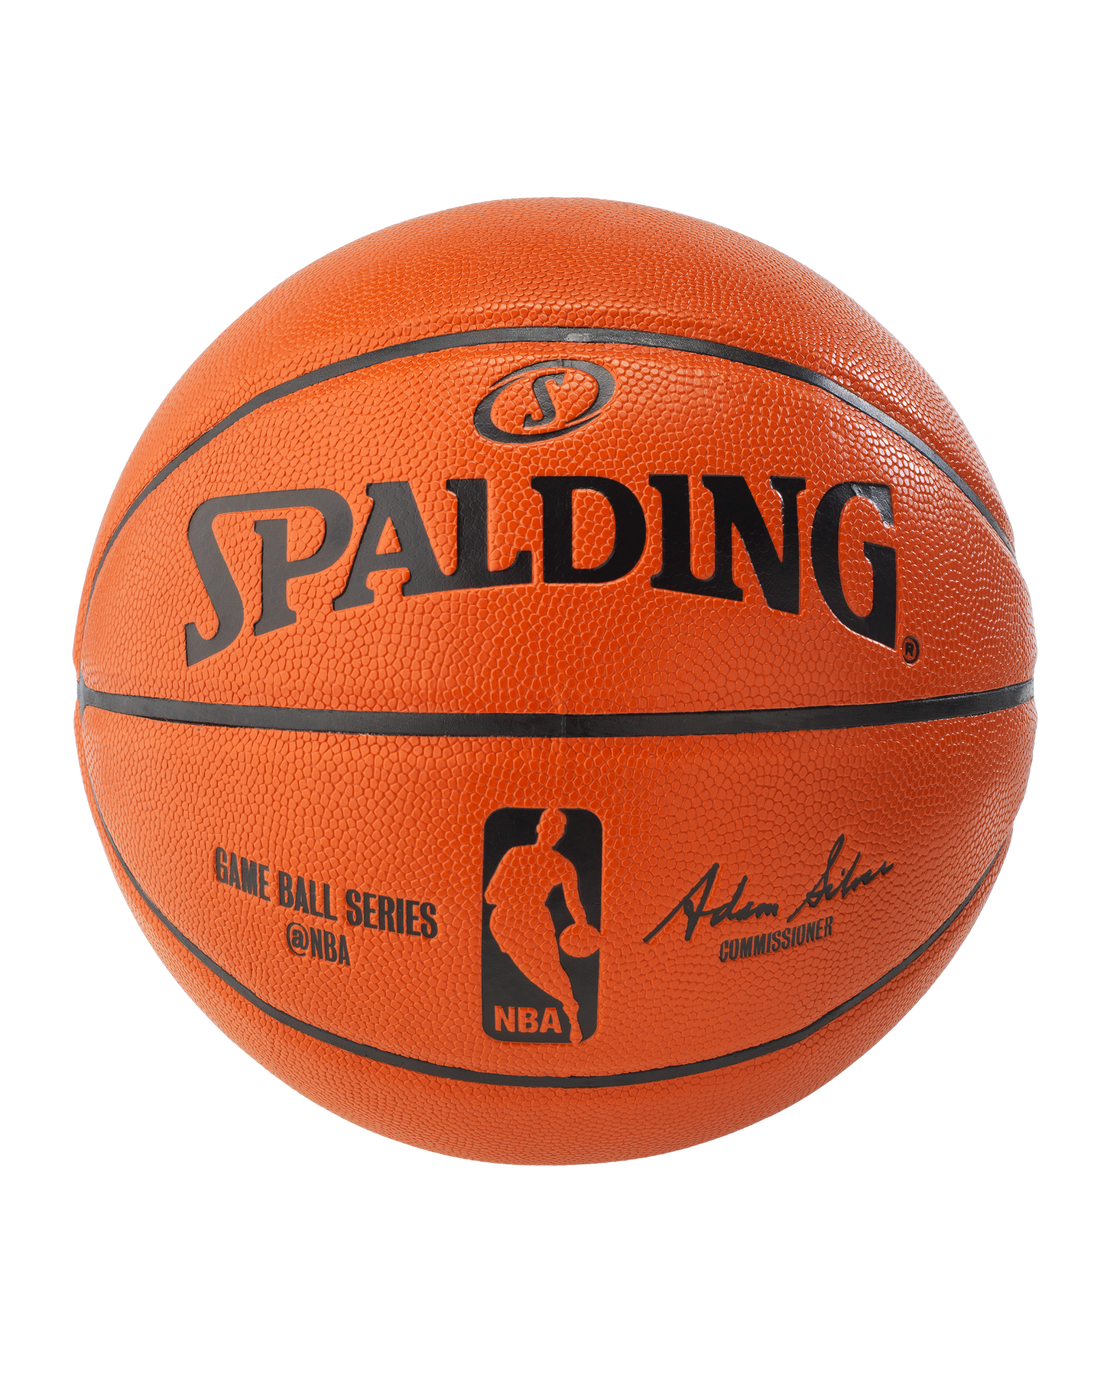 NBA REPLICA GAME BALL - Spalding US